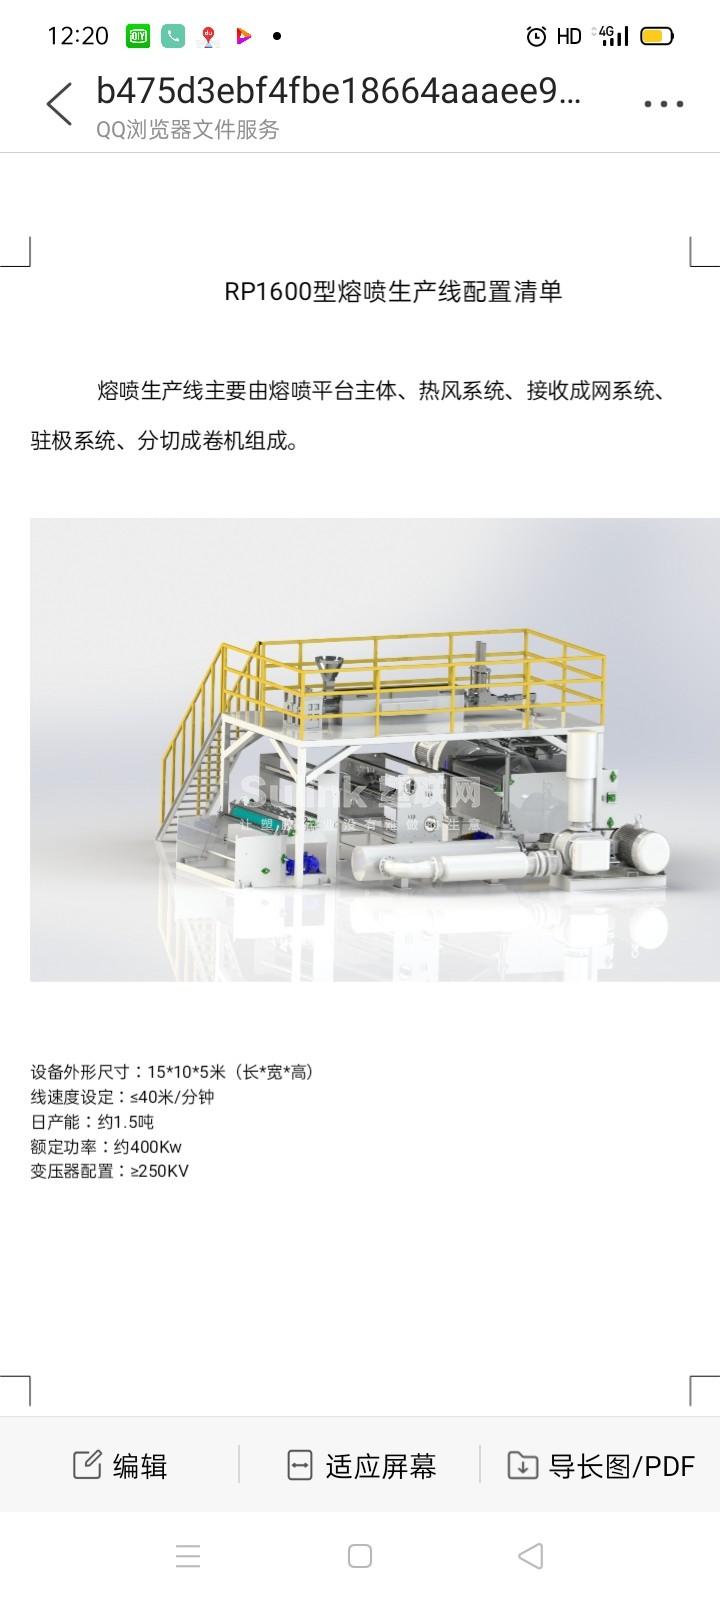 求购熔喷机1.6米- 塑联网 - 塑料联网信息服务平台